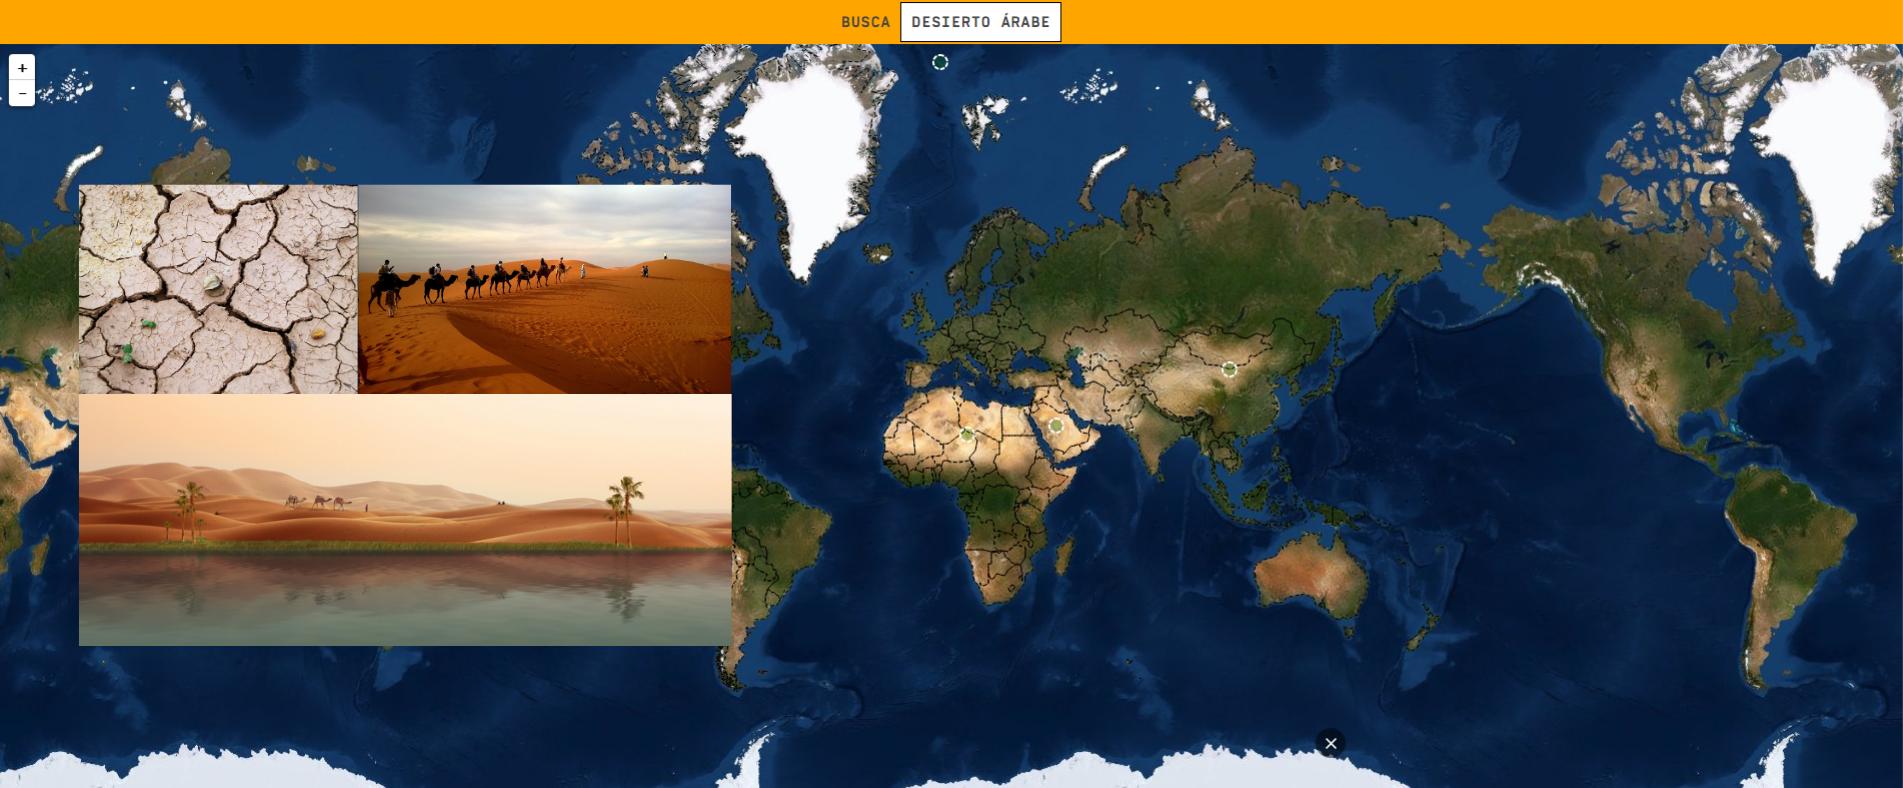 Desertos do mundo - Nível Fácil